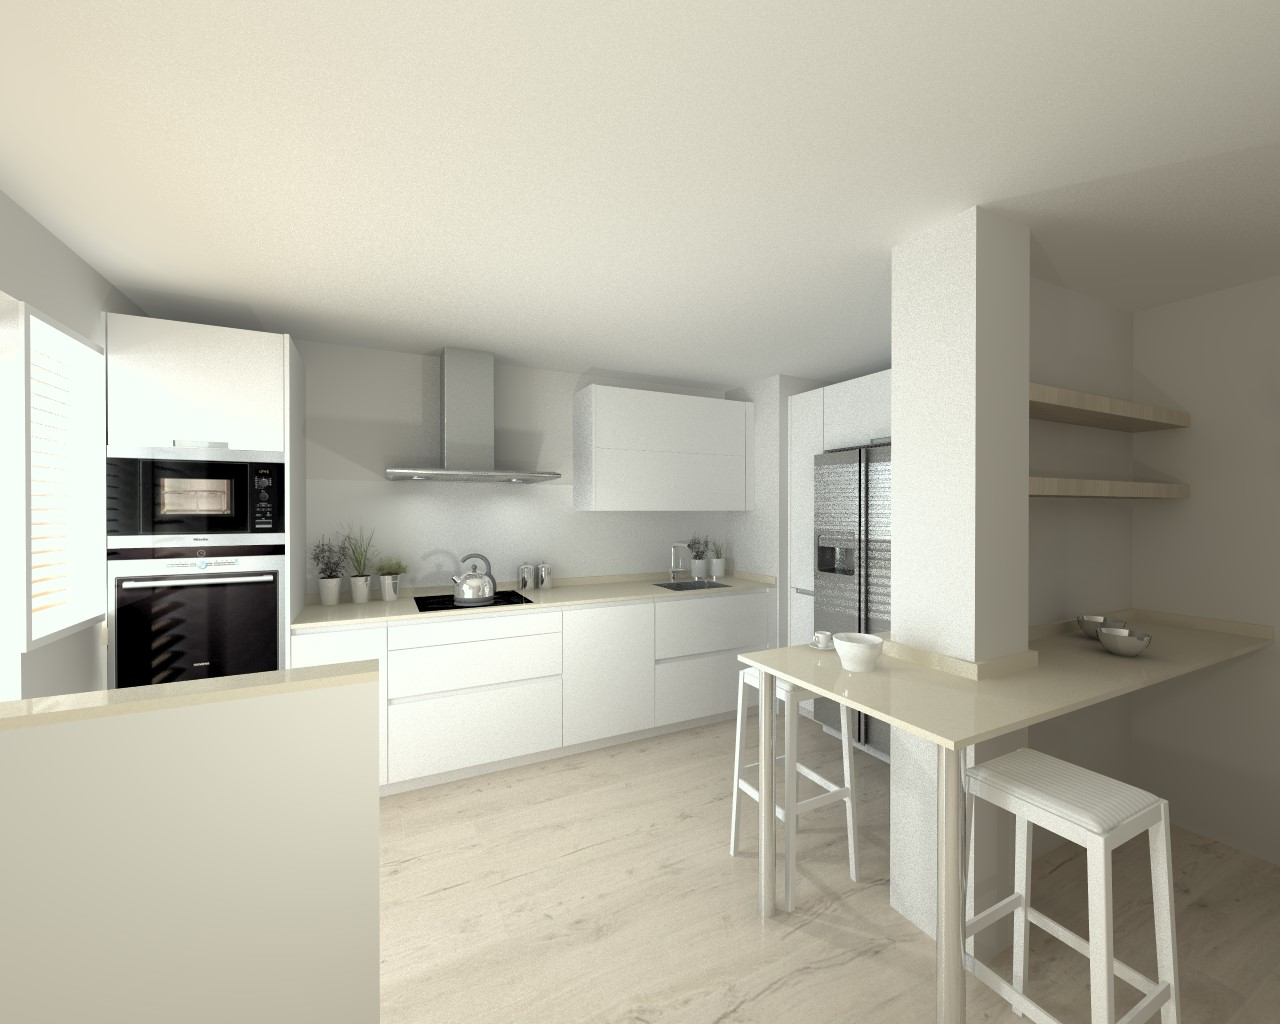 Cocina santos modelo line laminado seda blanco encimera for Cocinas silestone colores